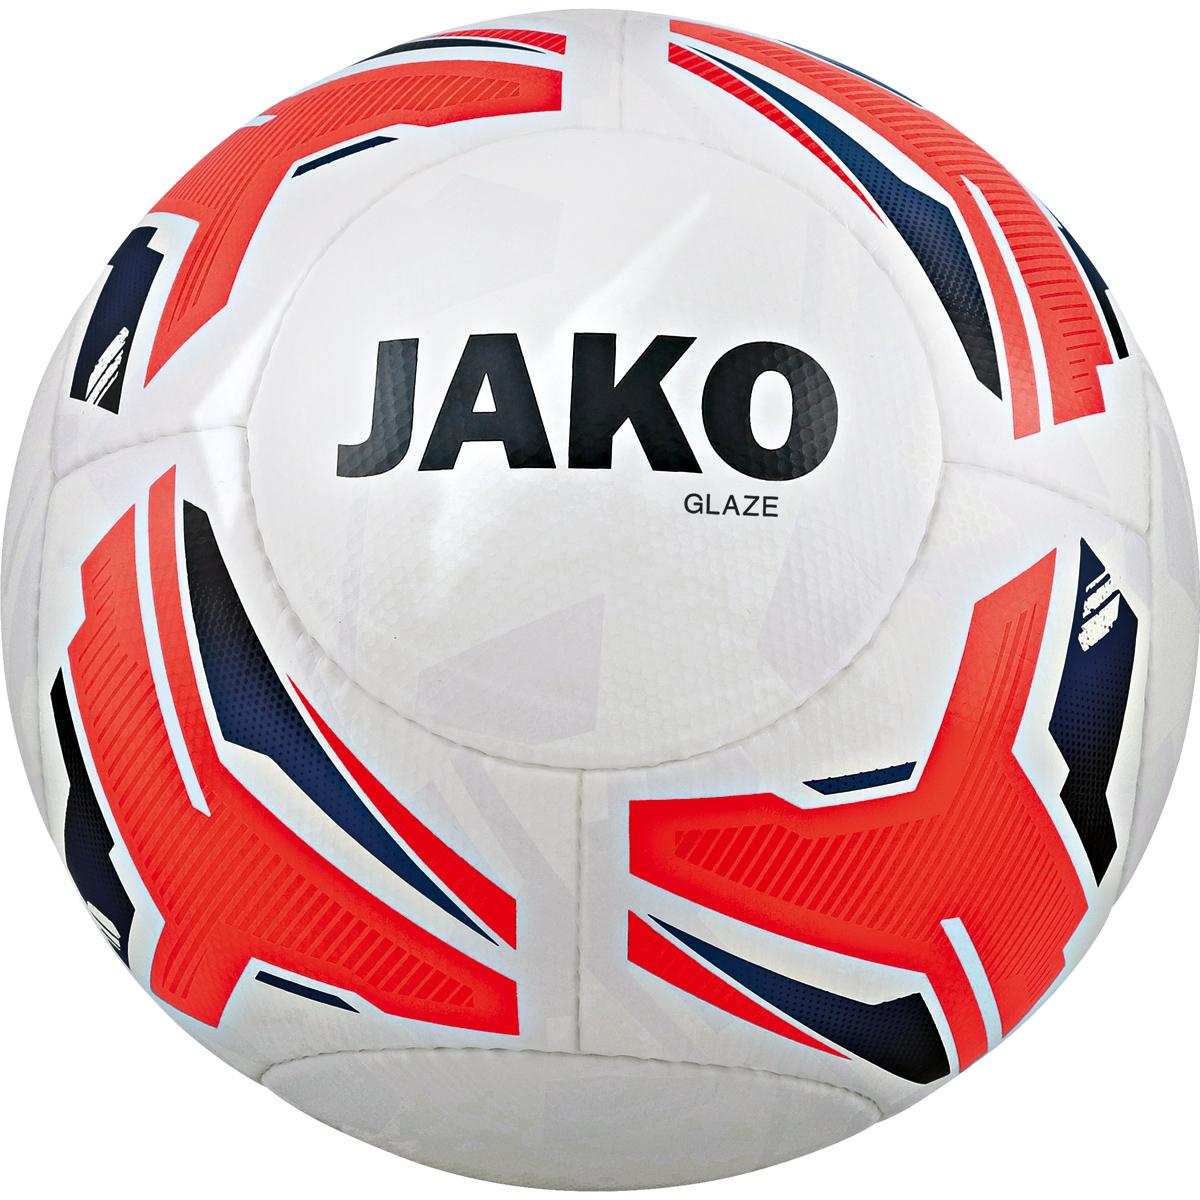 10 x JAKO Trainingsball Glaze inkl. Ballsack